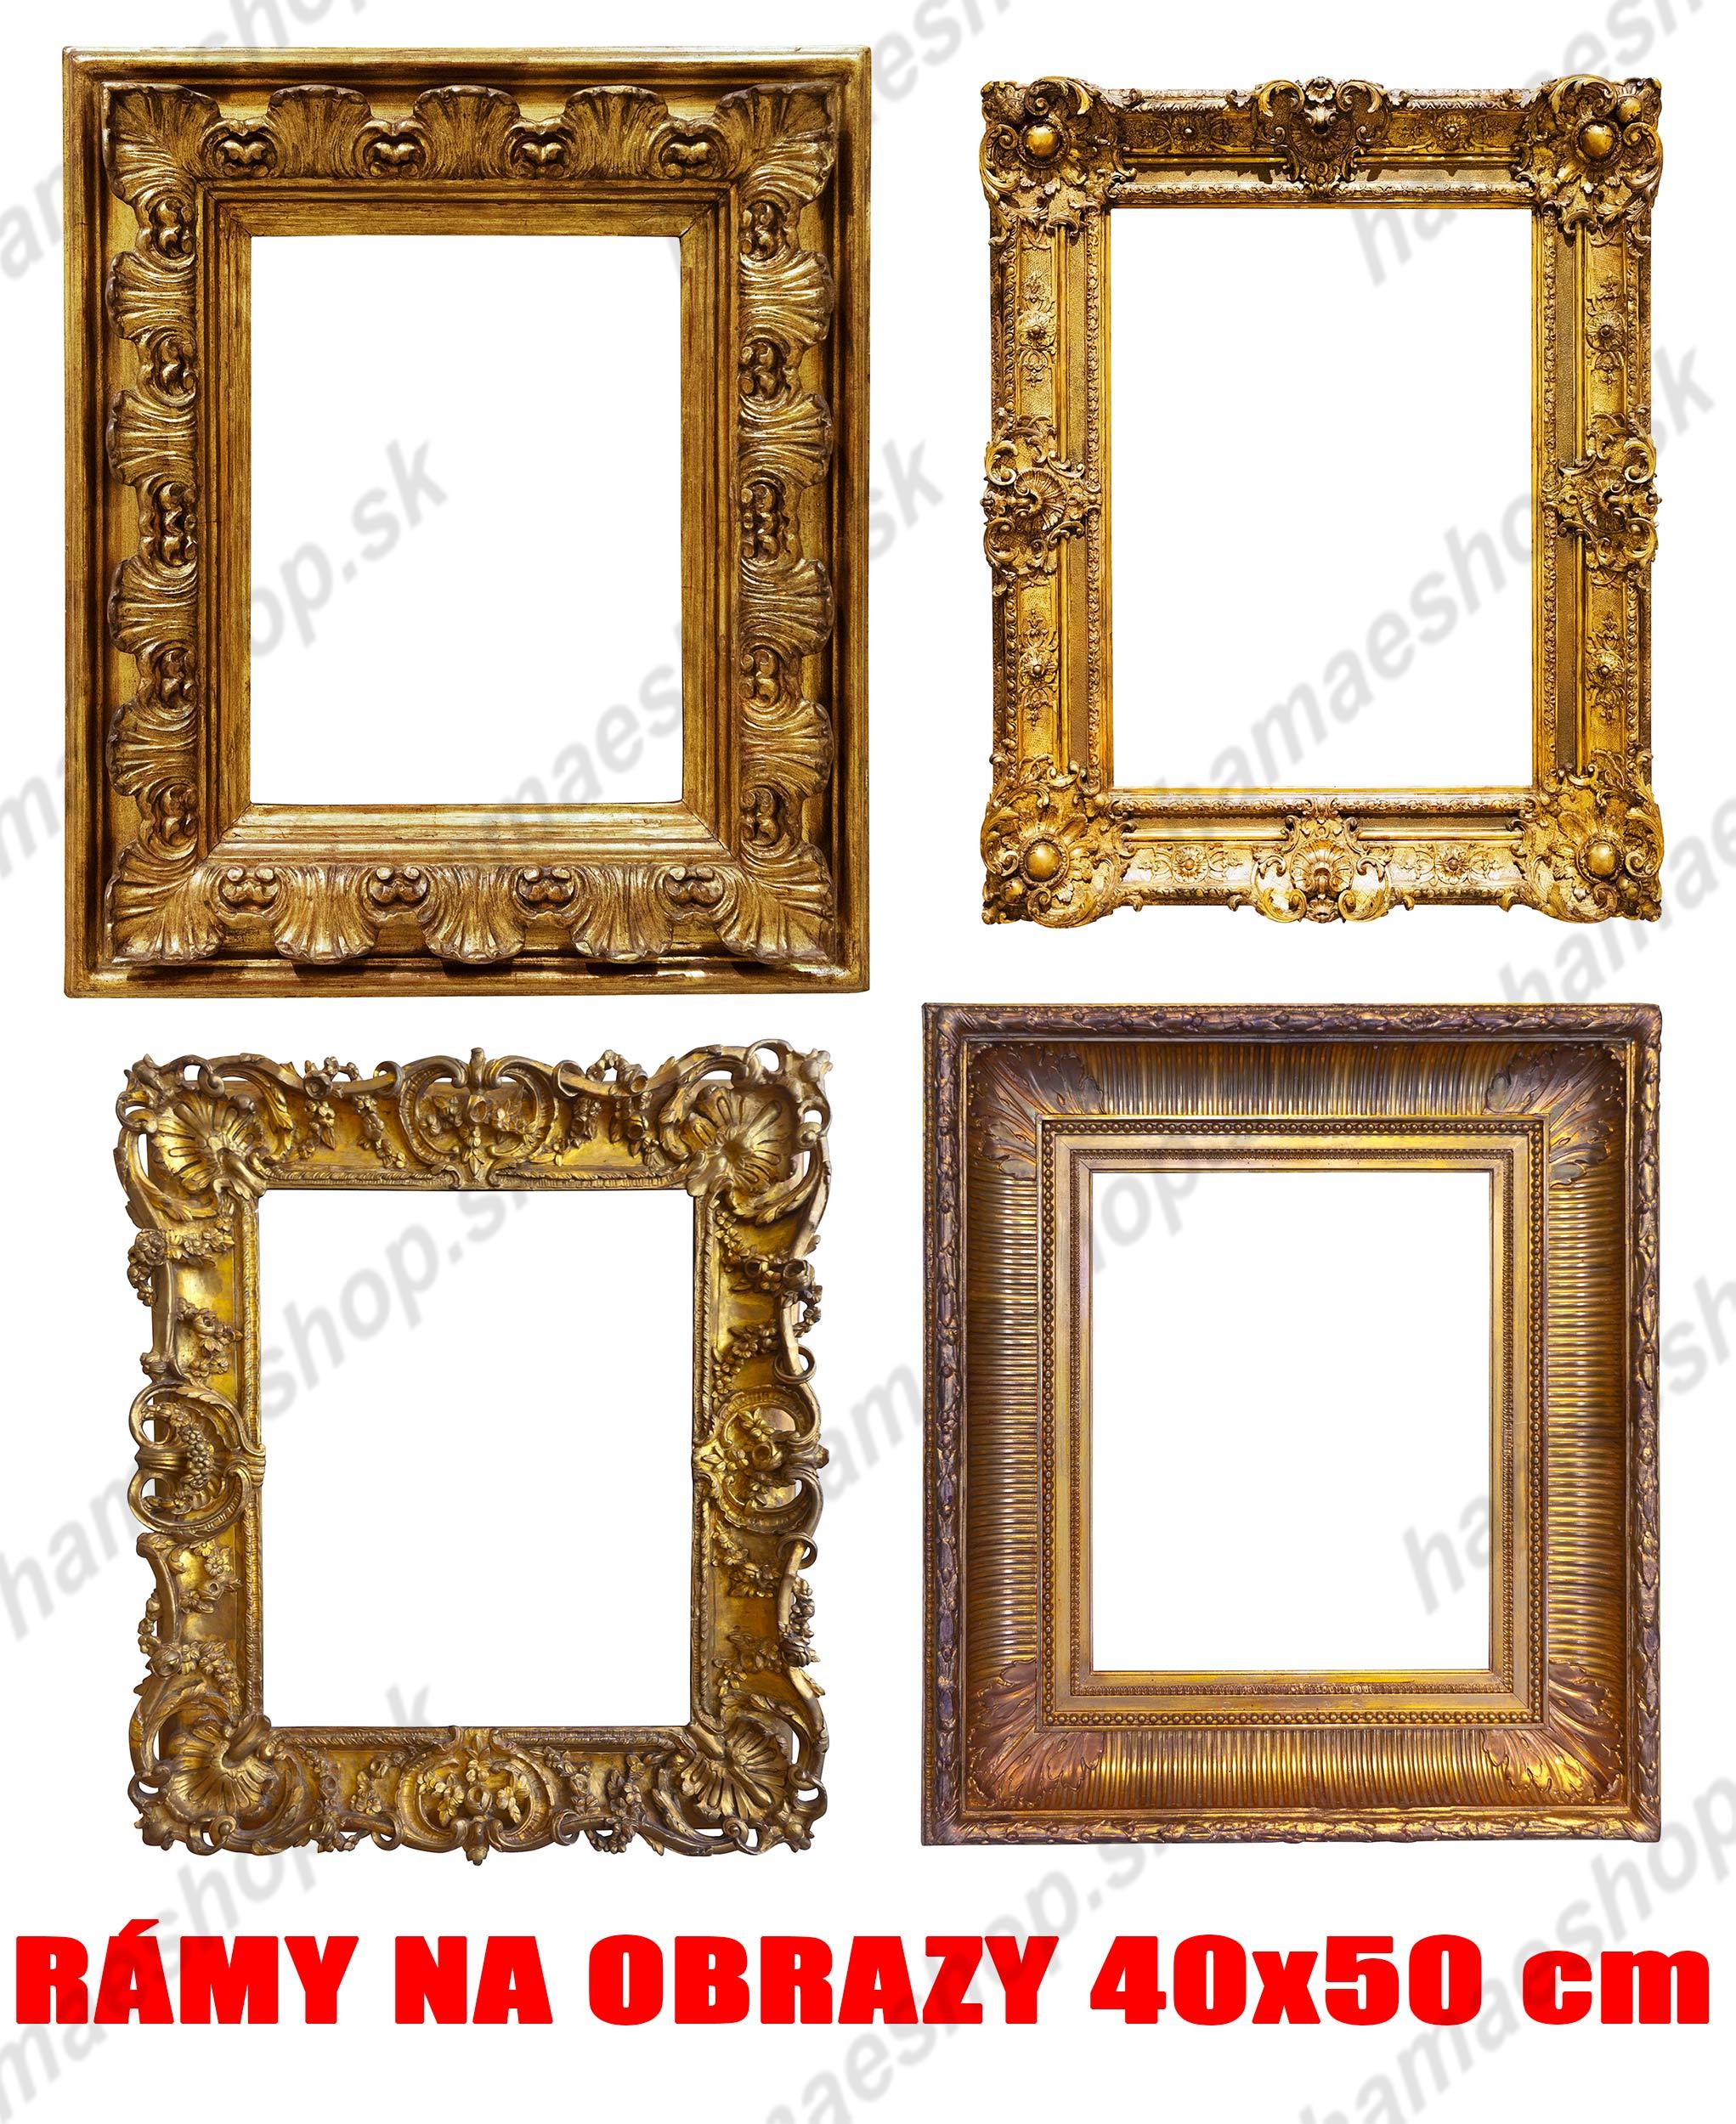 26cdfc97d Rámy na obrazy 40x50 cm online predaj eshop